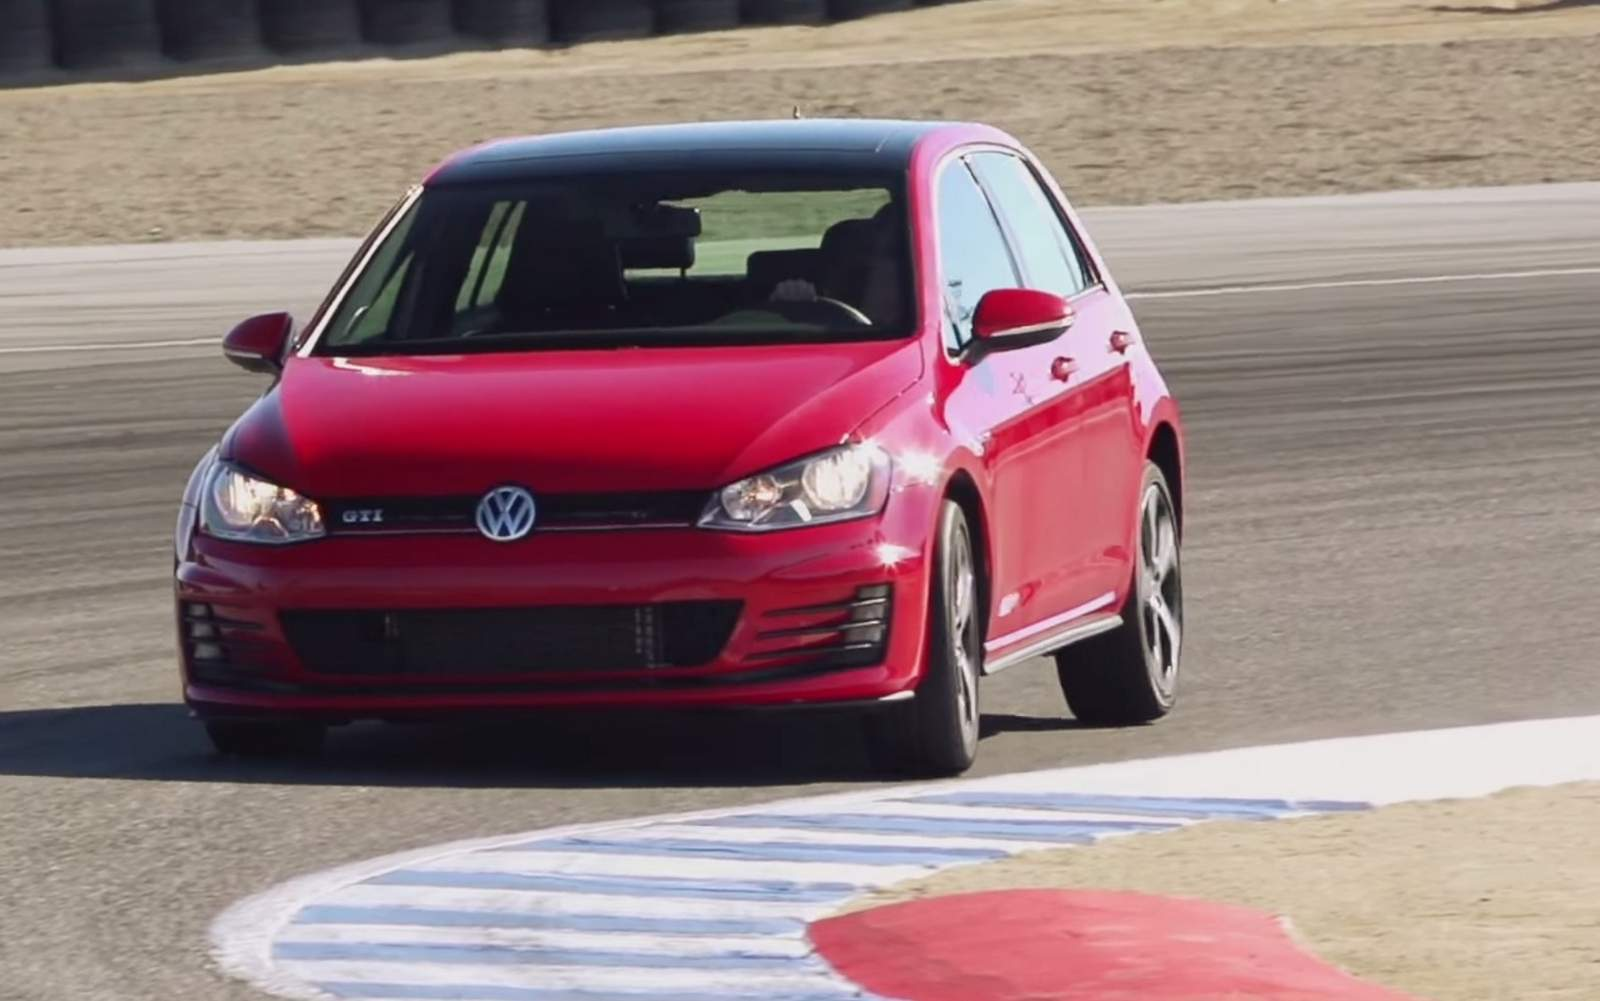 Volkswagen desiste de câmbio DSG de 10 marchas